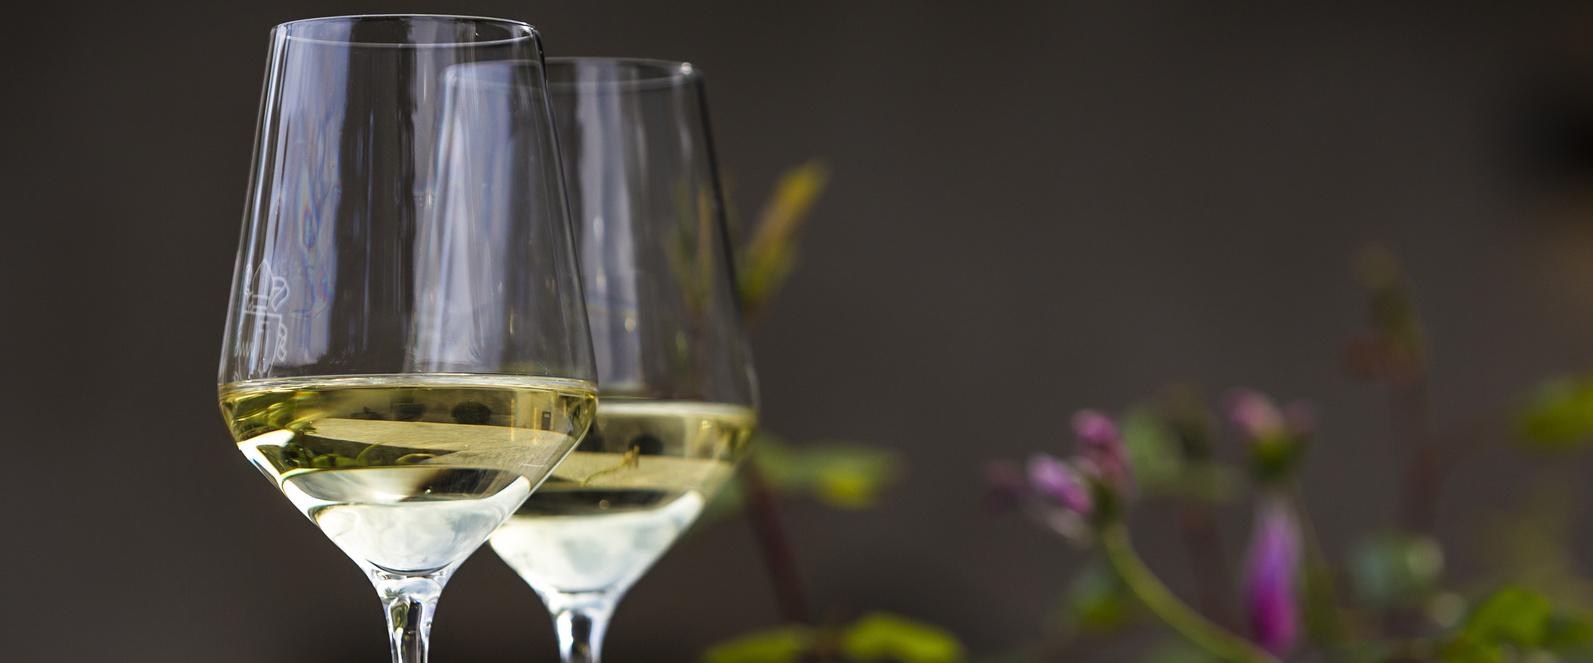 Savoir quel vin blanc vous aimez